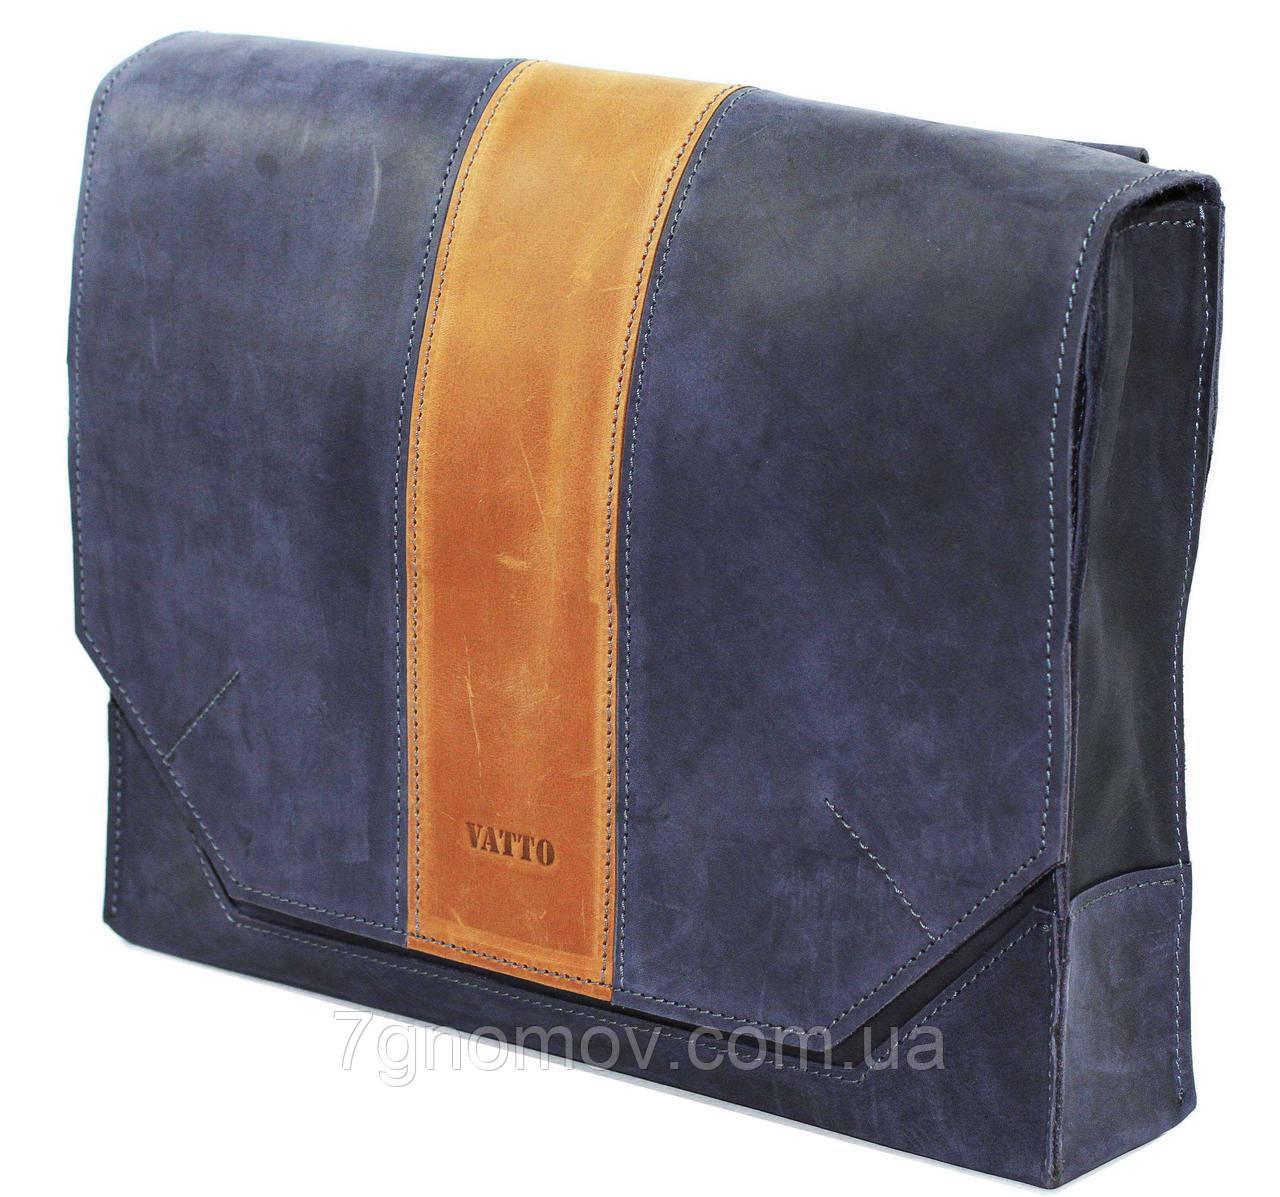 Мужская сумка VATTO Mk21.1 Kr600.190